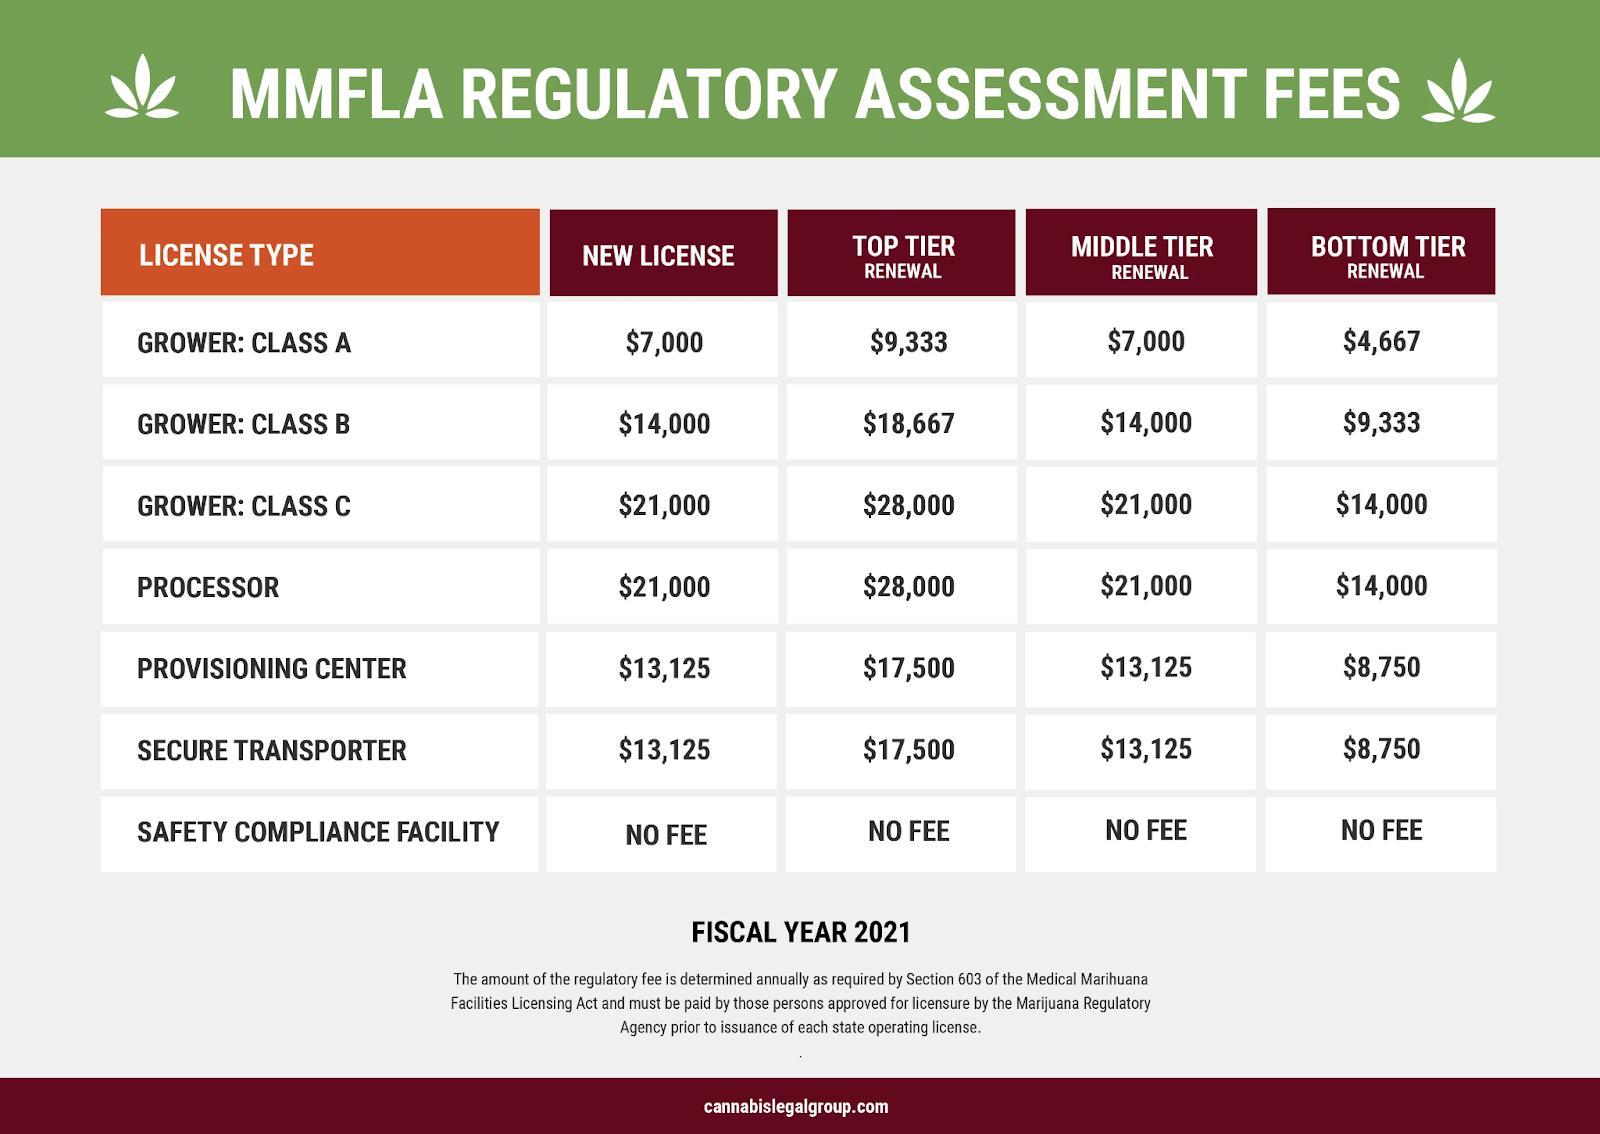 fees for assessment